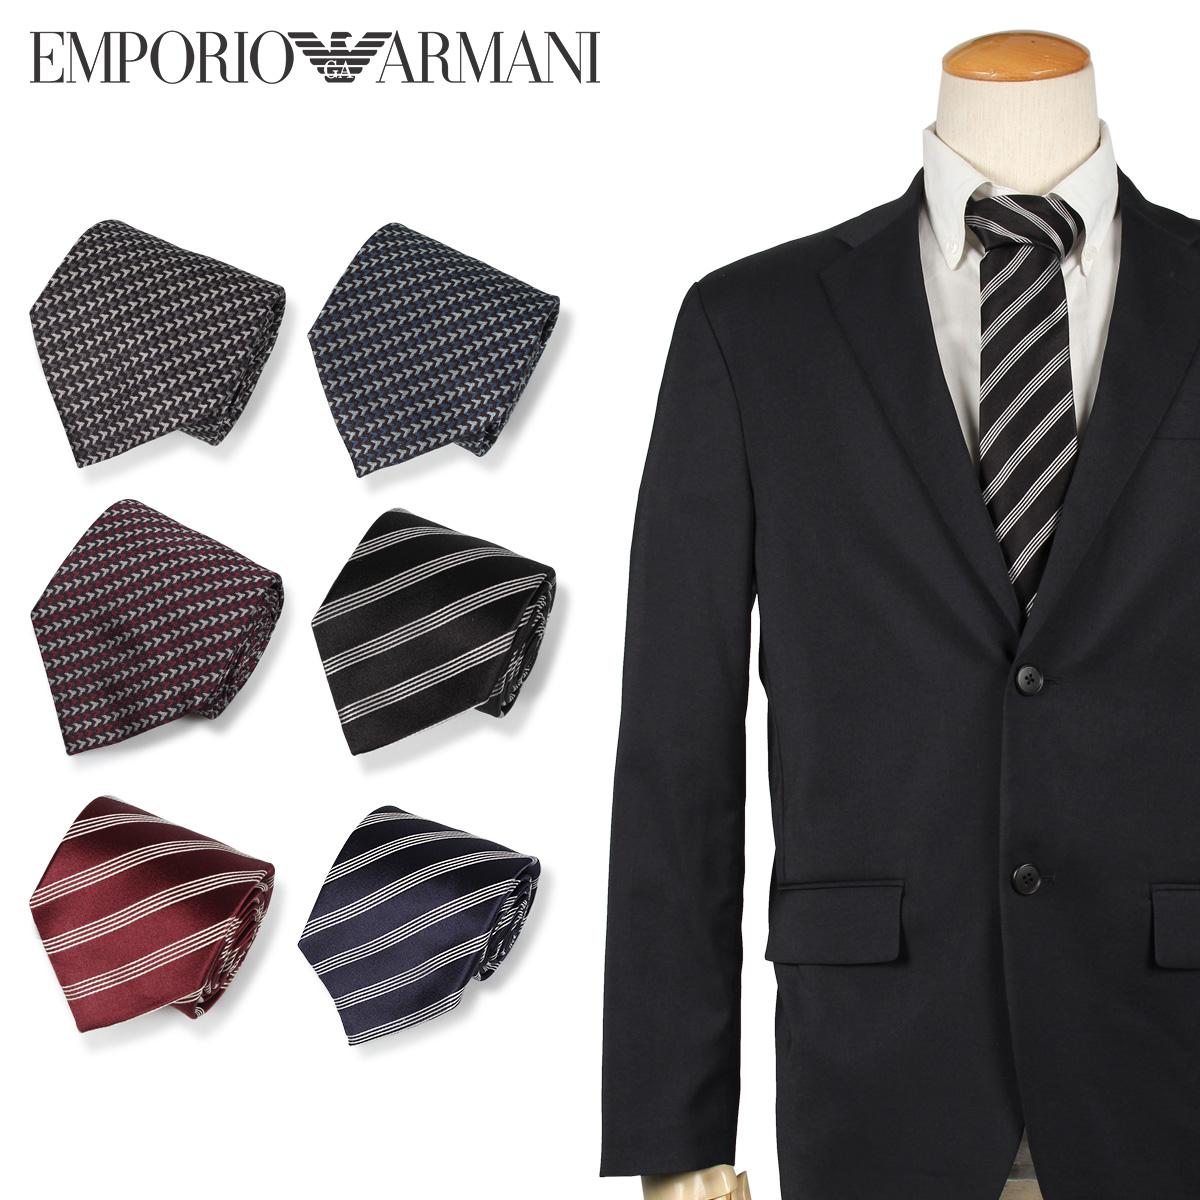 エンポリオ アルマーニ EMPORIO ARMANI ネクタイ メンズ イタリア製 シルク ビジネス 結婚式 ブラック グレー ネイビー ワインレッド レッド ダーク ブルー 黒